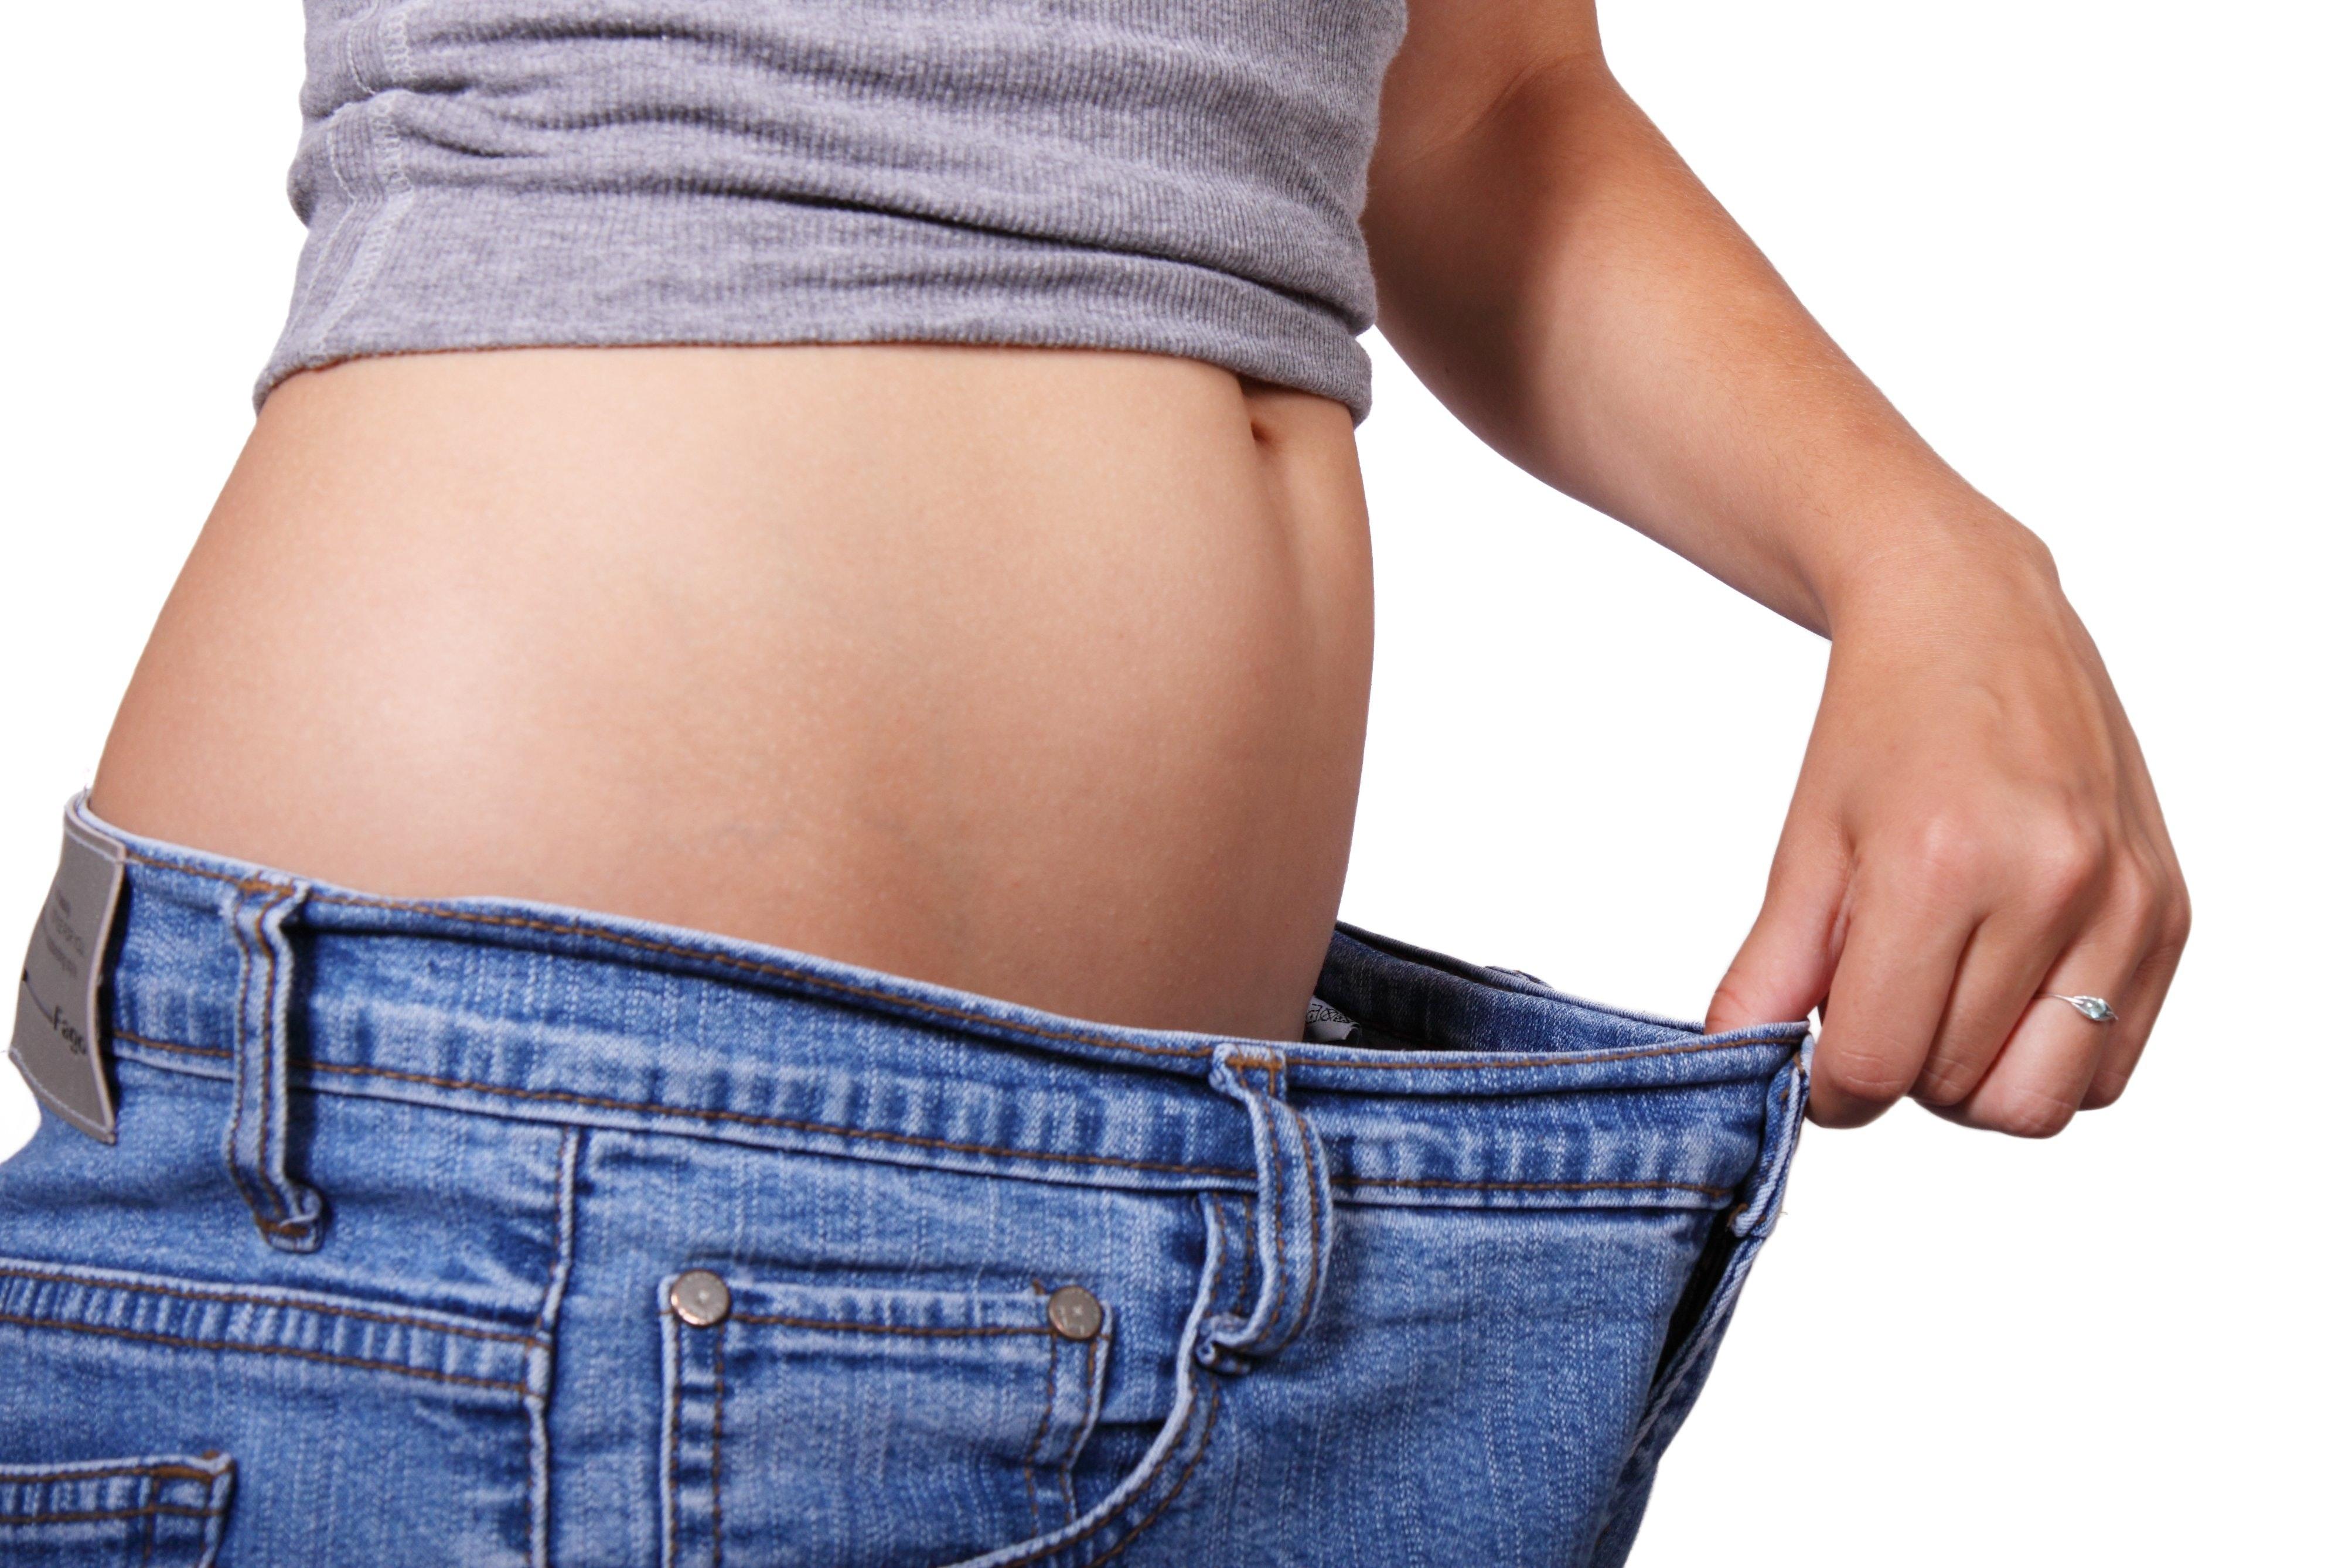 Trwała redukcja masy ciała